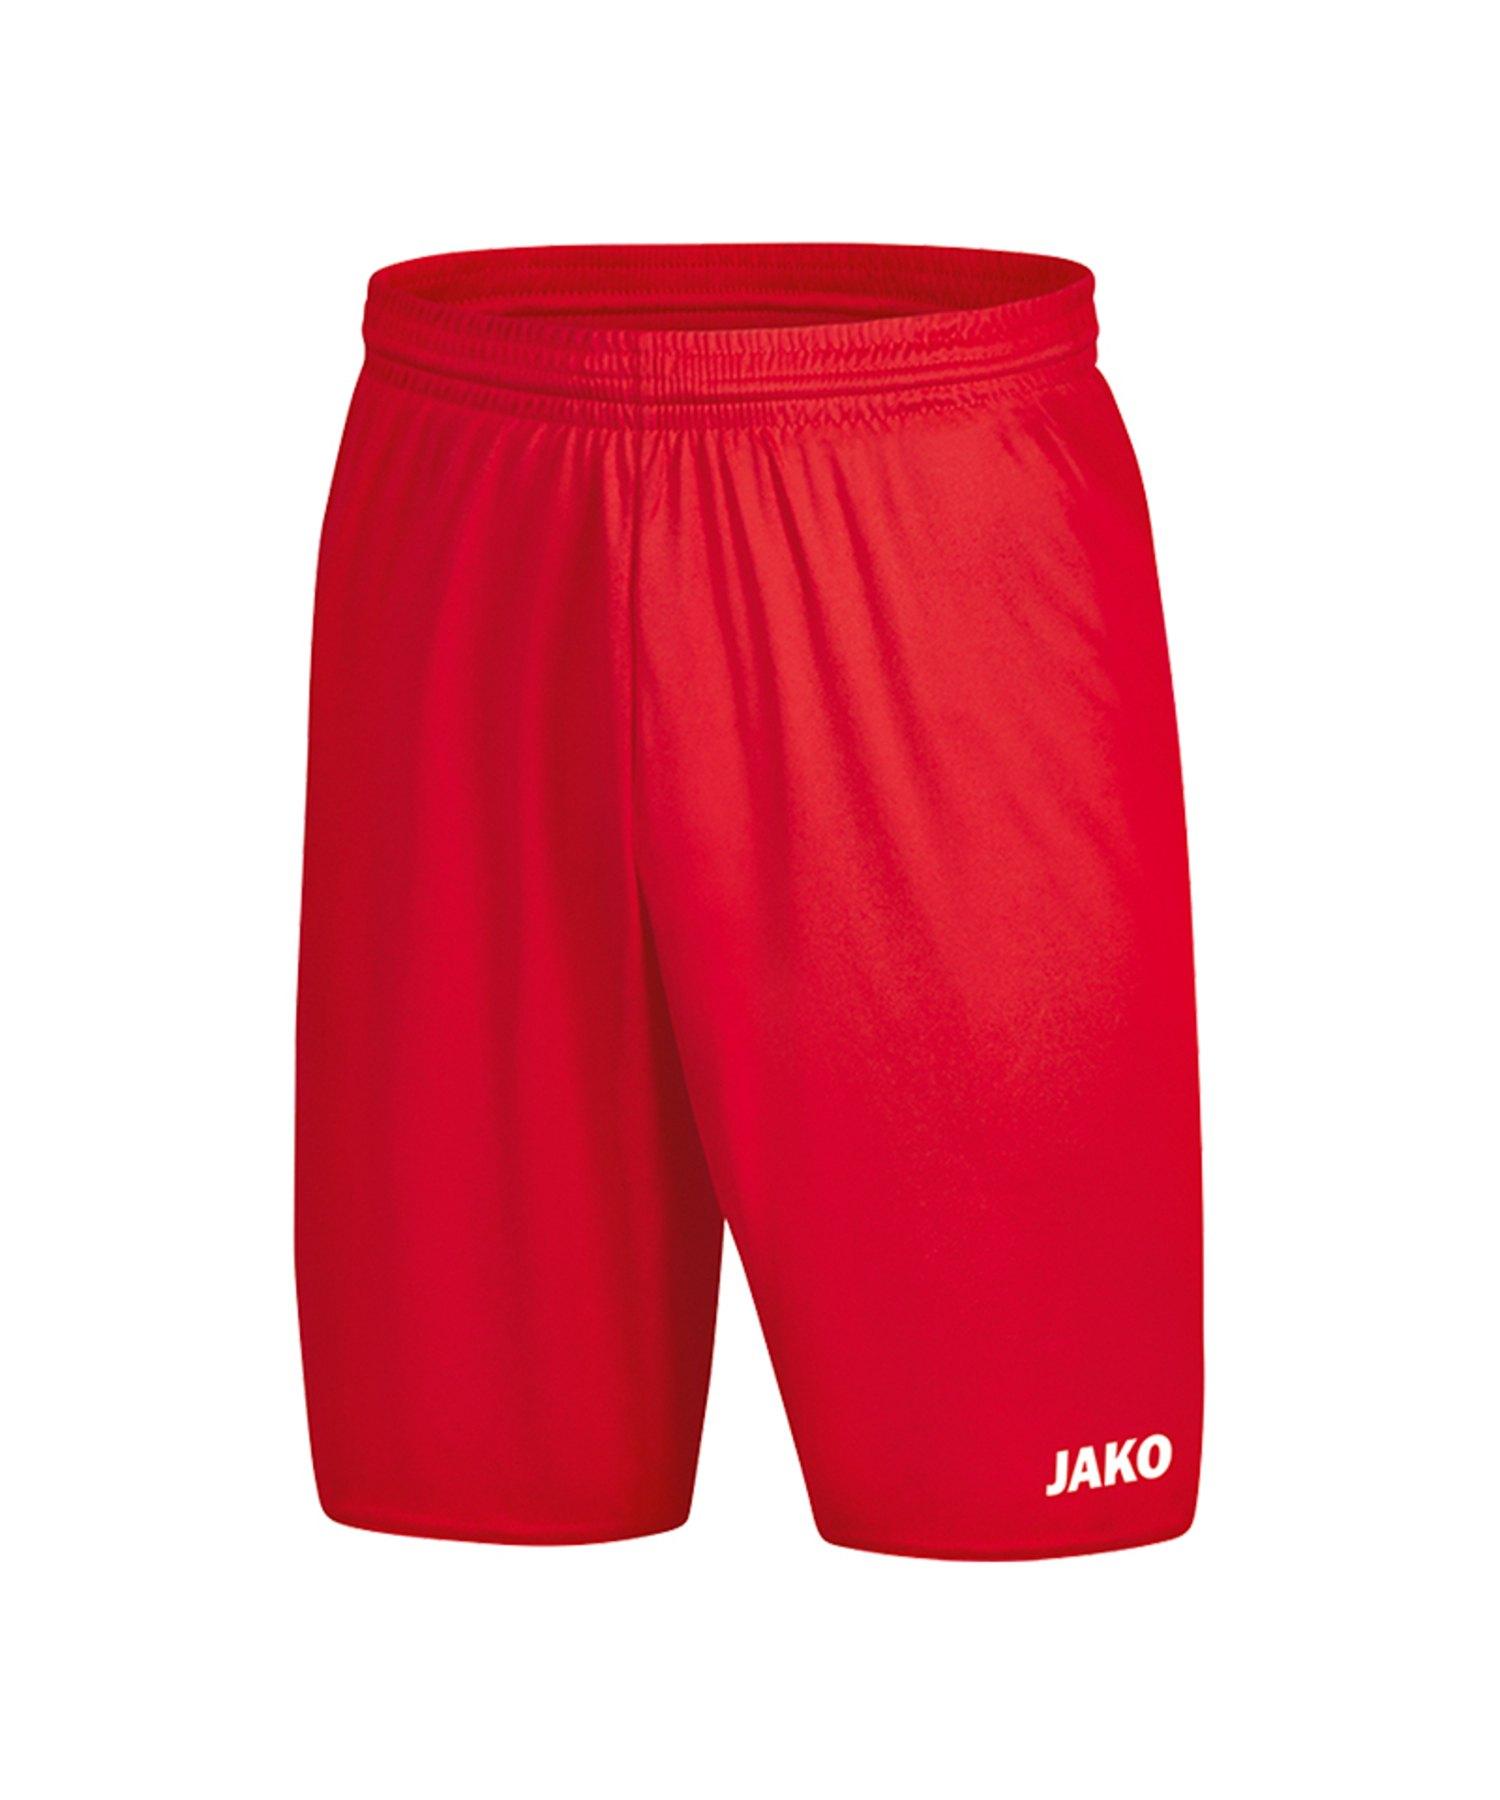 Jako Anderlecht 2.0 Short Hose kurz Rot F01 - Rot